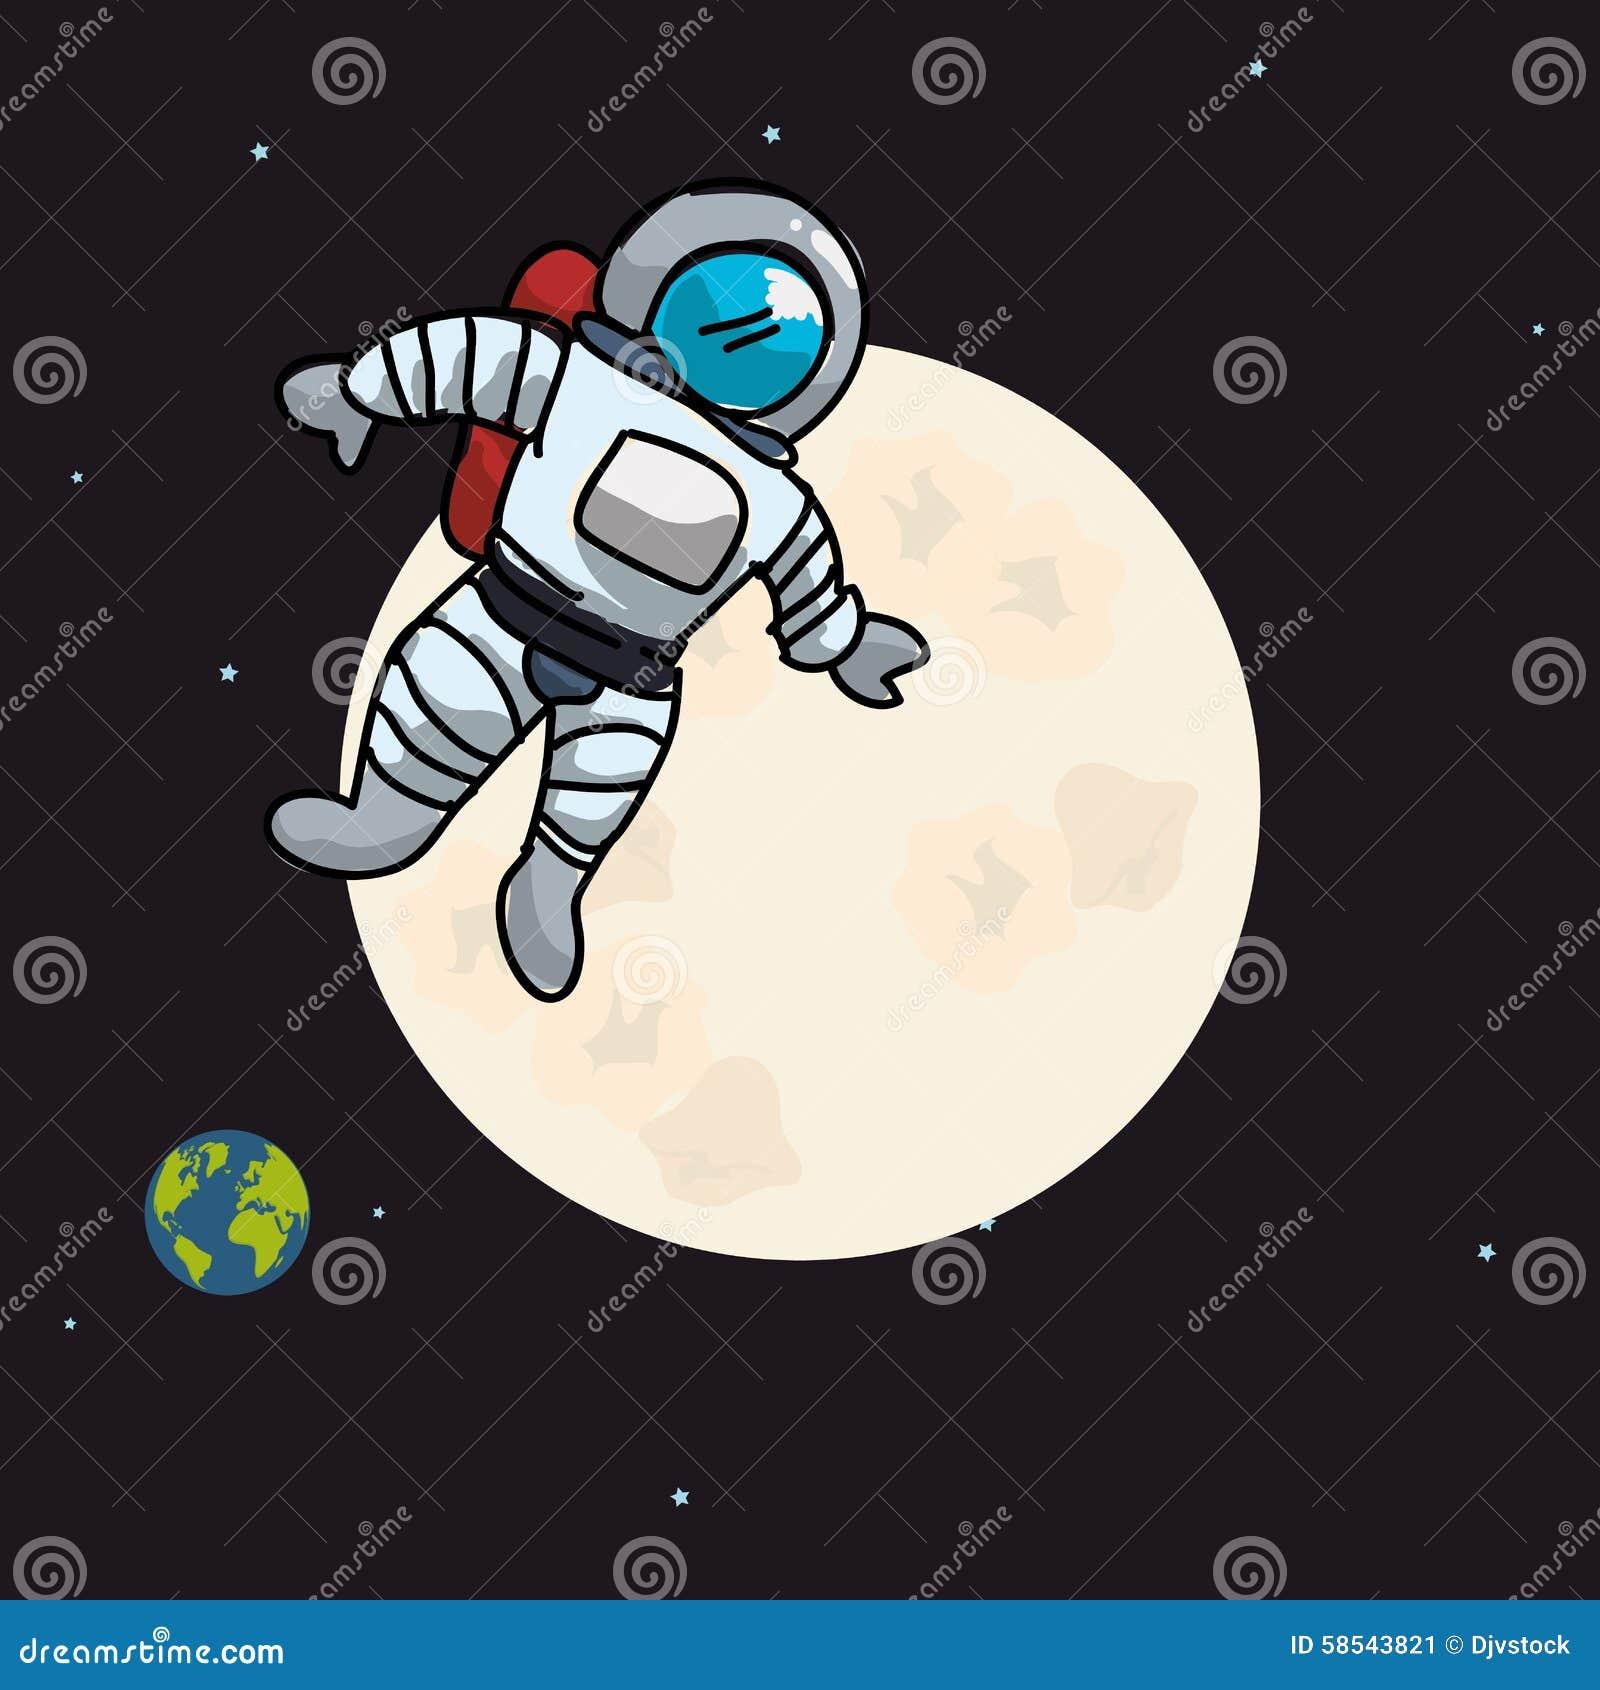 astronaut design - photo #21